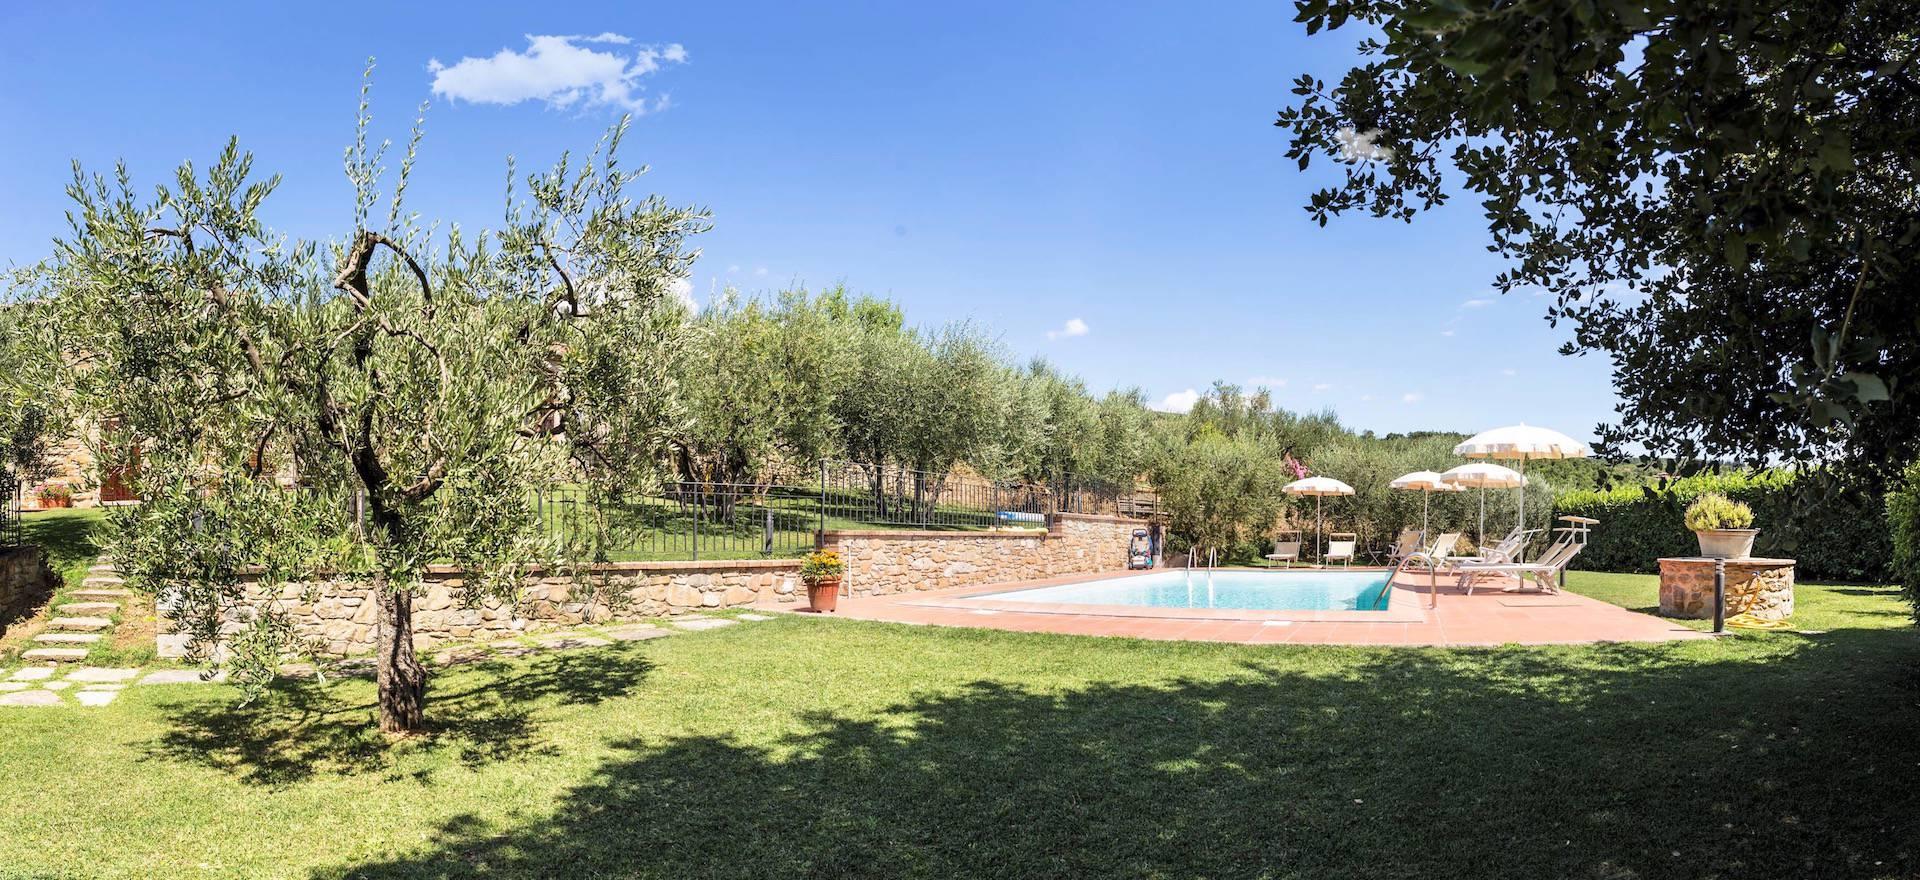 Agriturismo Tuscany Hospitable agriturismo near Cortona